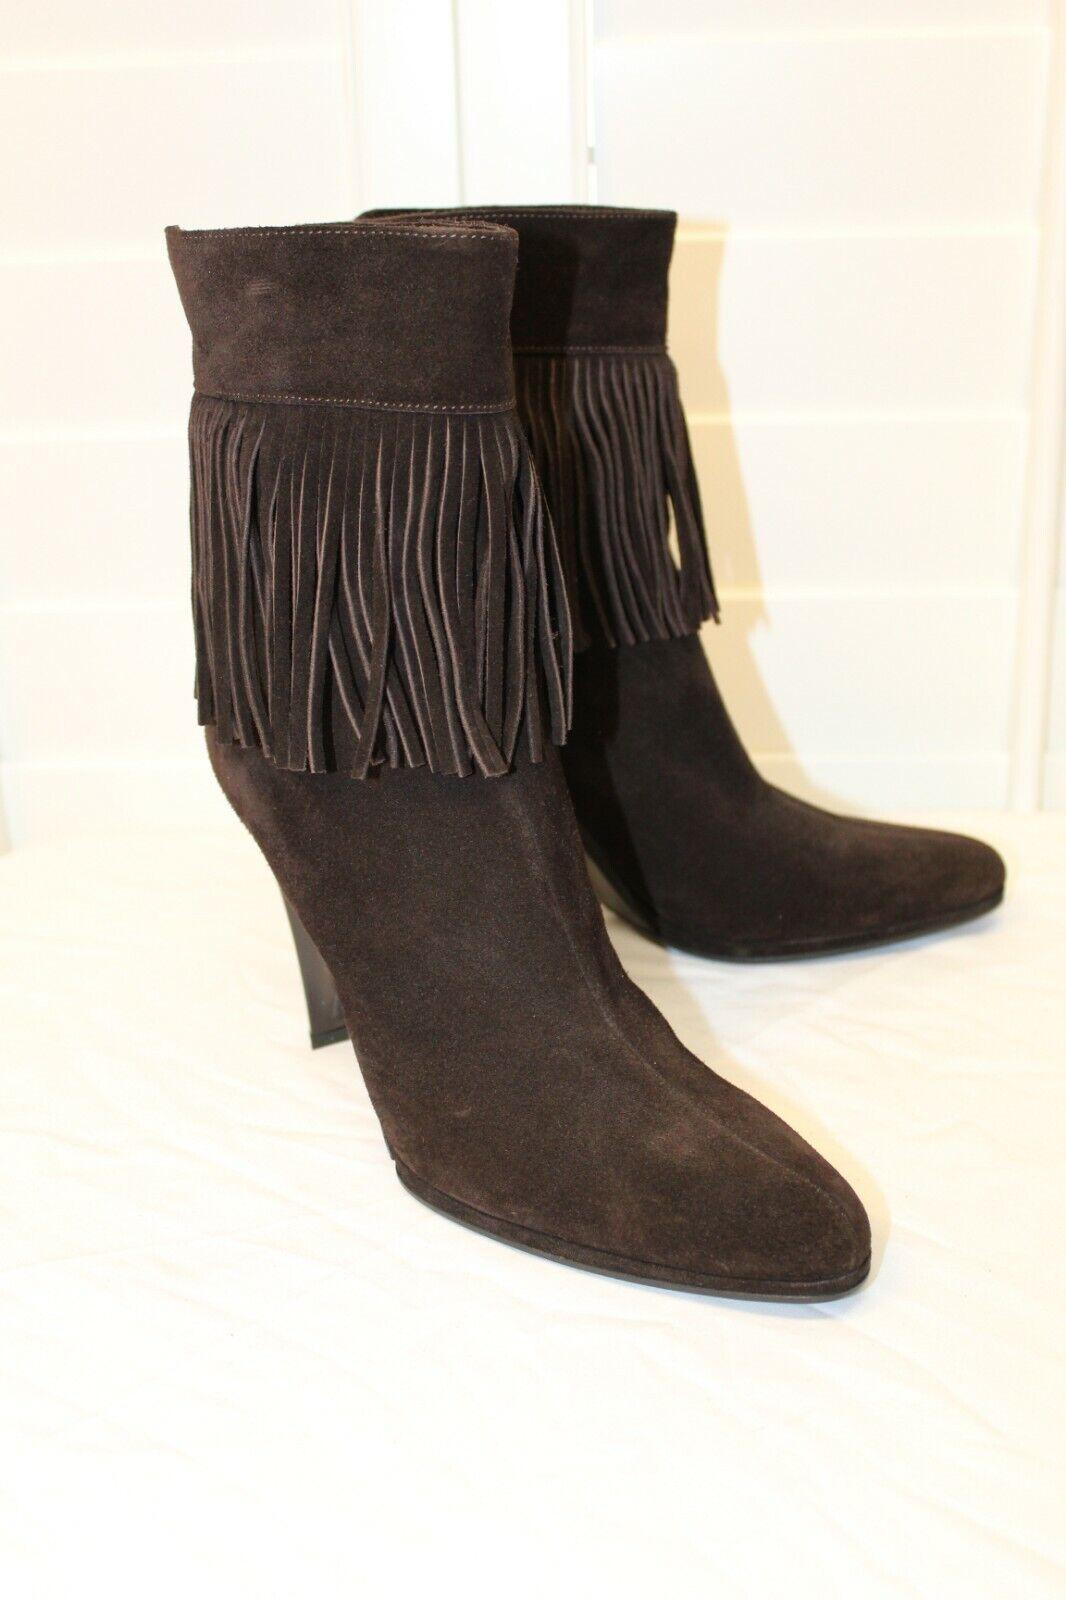 miglior prezzo migliore NEW HELMUT LANG Marrone Fringe Cuffs Wedge stivali Back Back Back Zip scarpe 38 8 7.5 M  negozio all'ingrosso